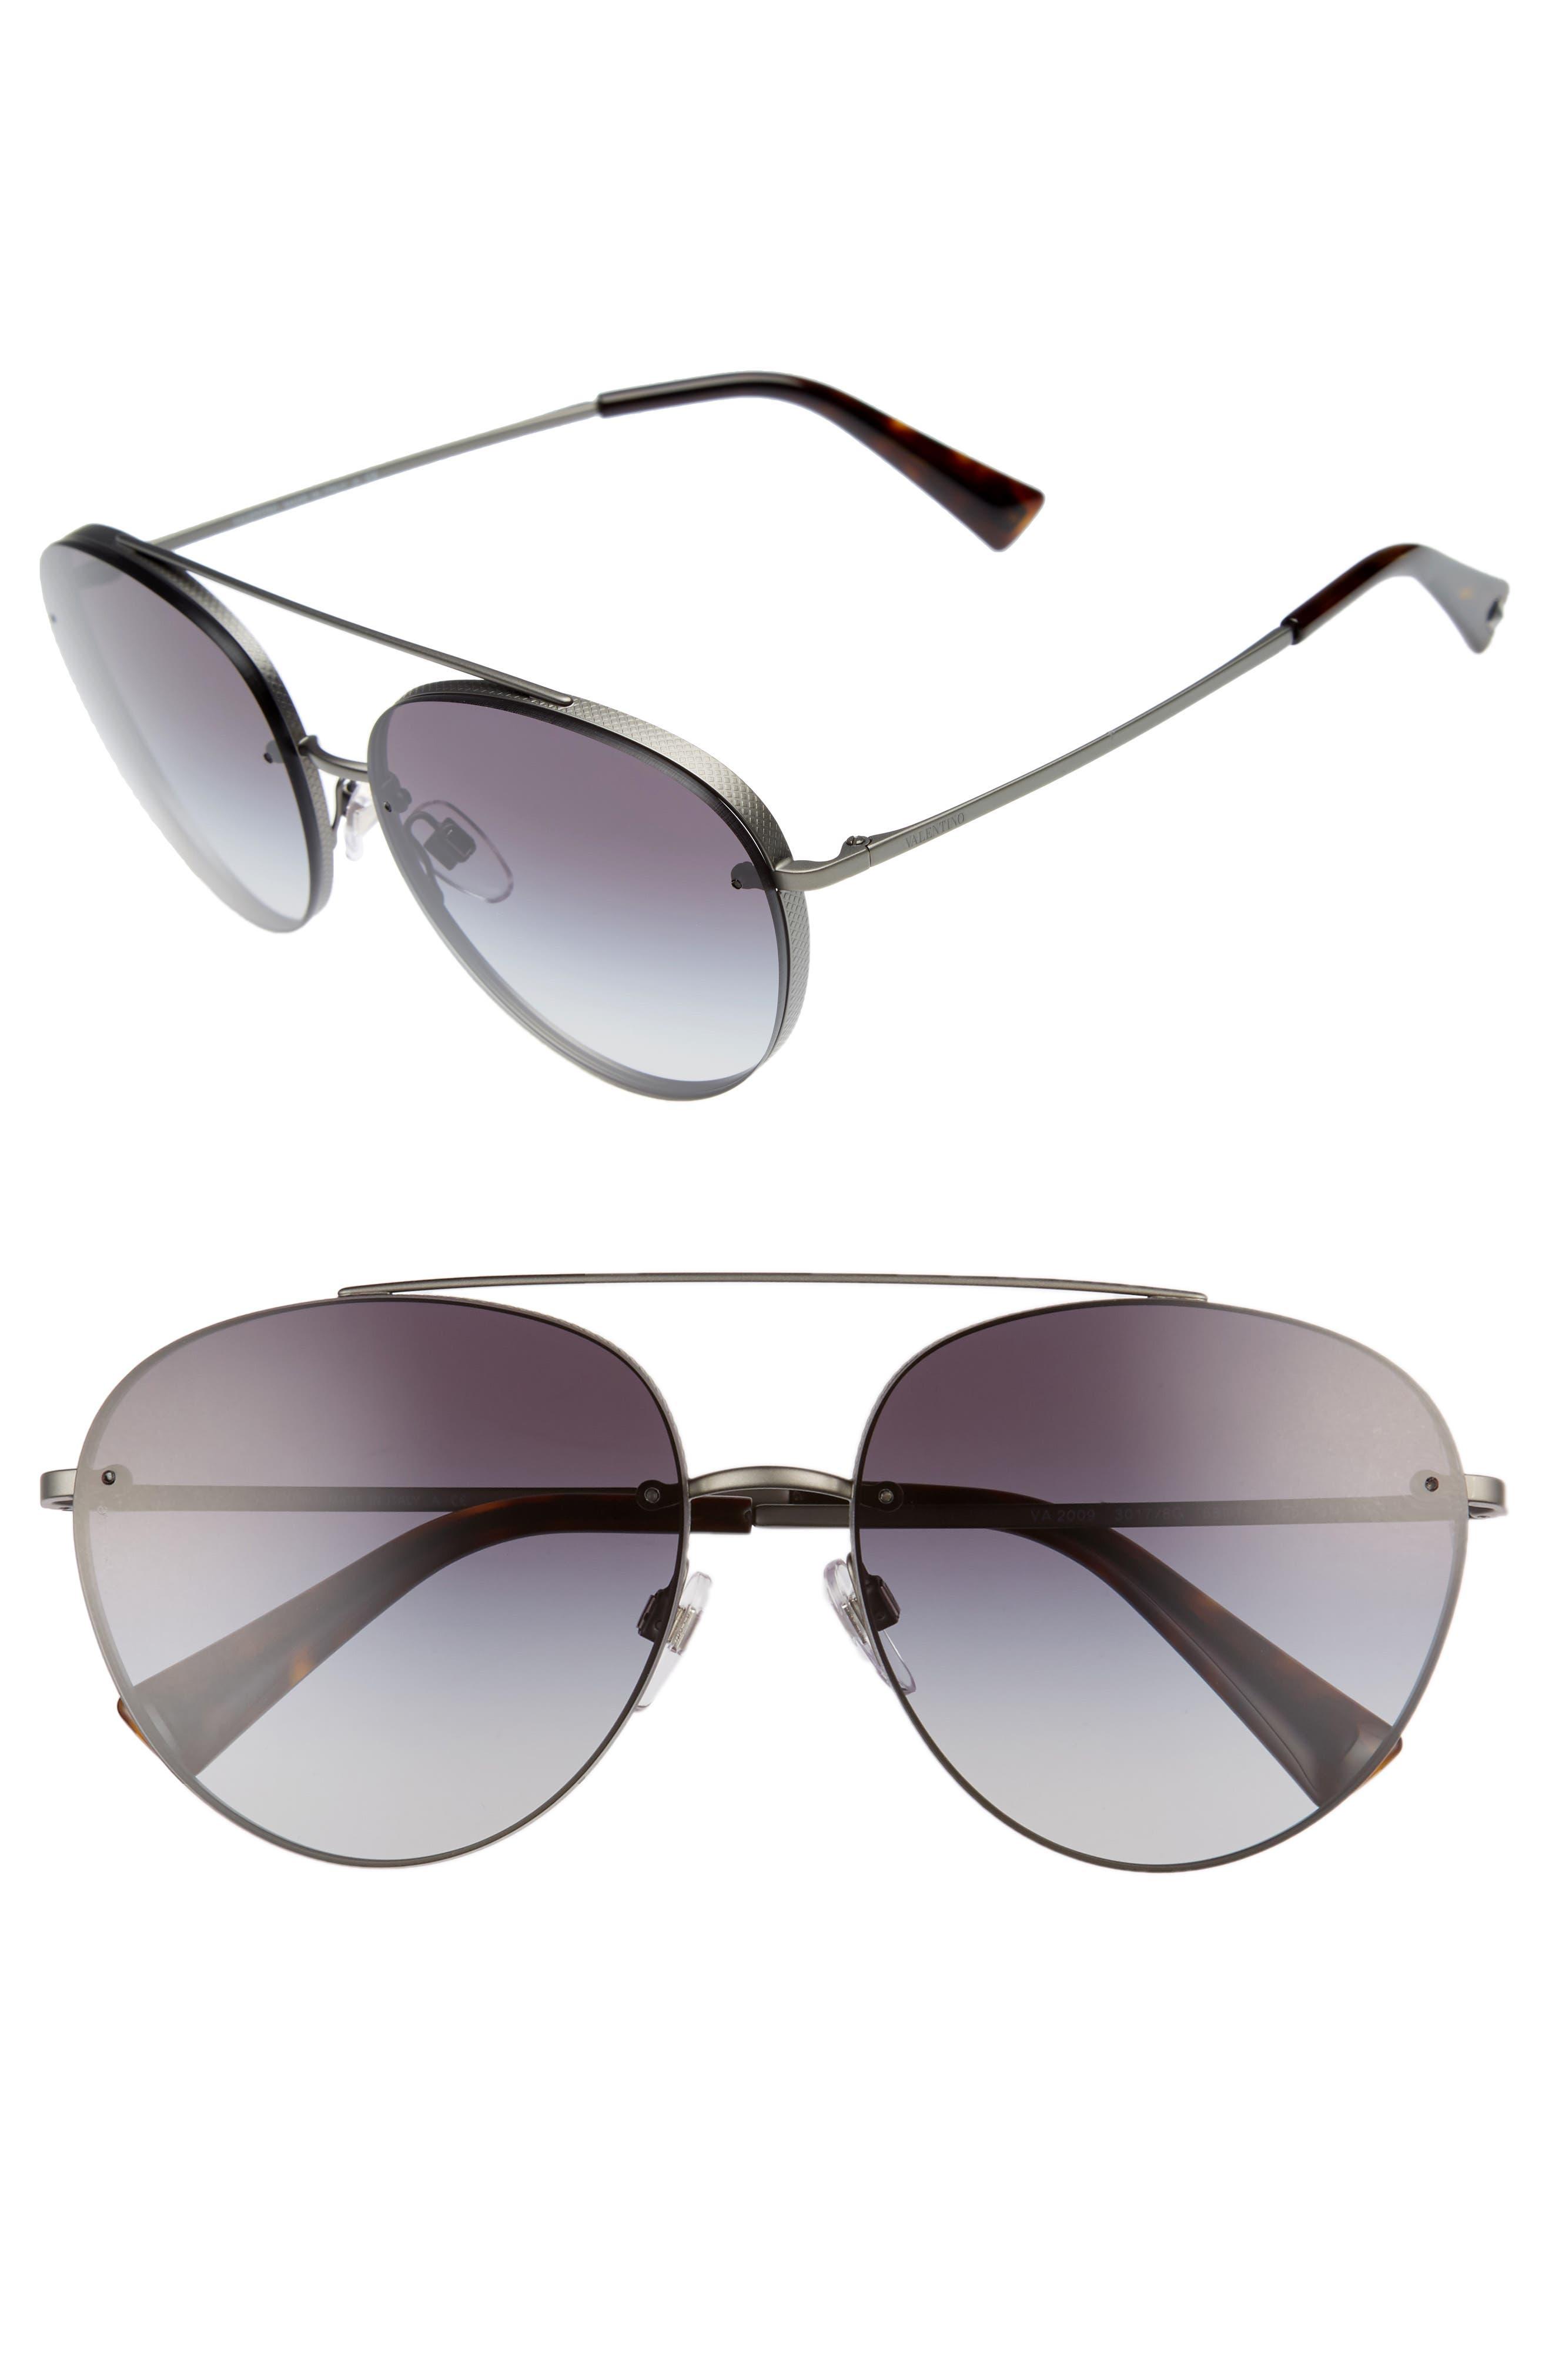 Main Image - Valentino 58mm Gradient Aviator Sunglasses